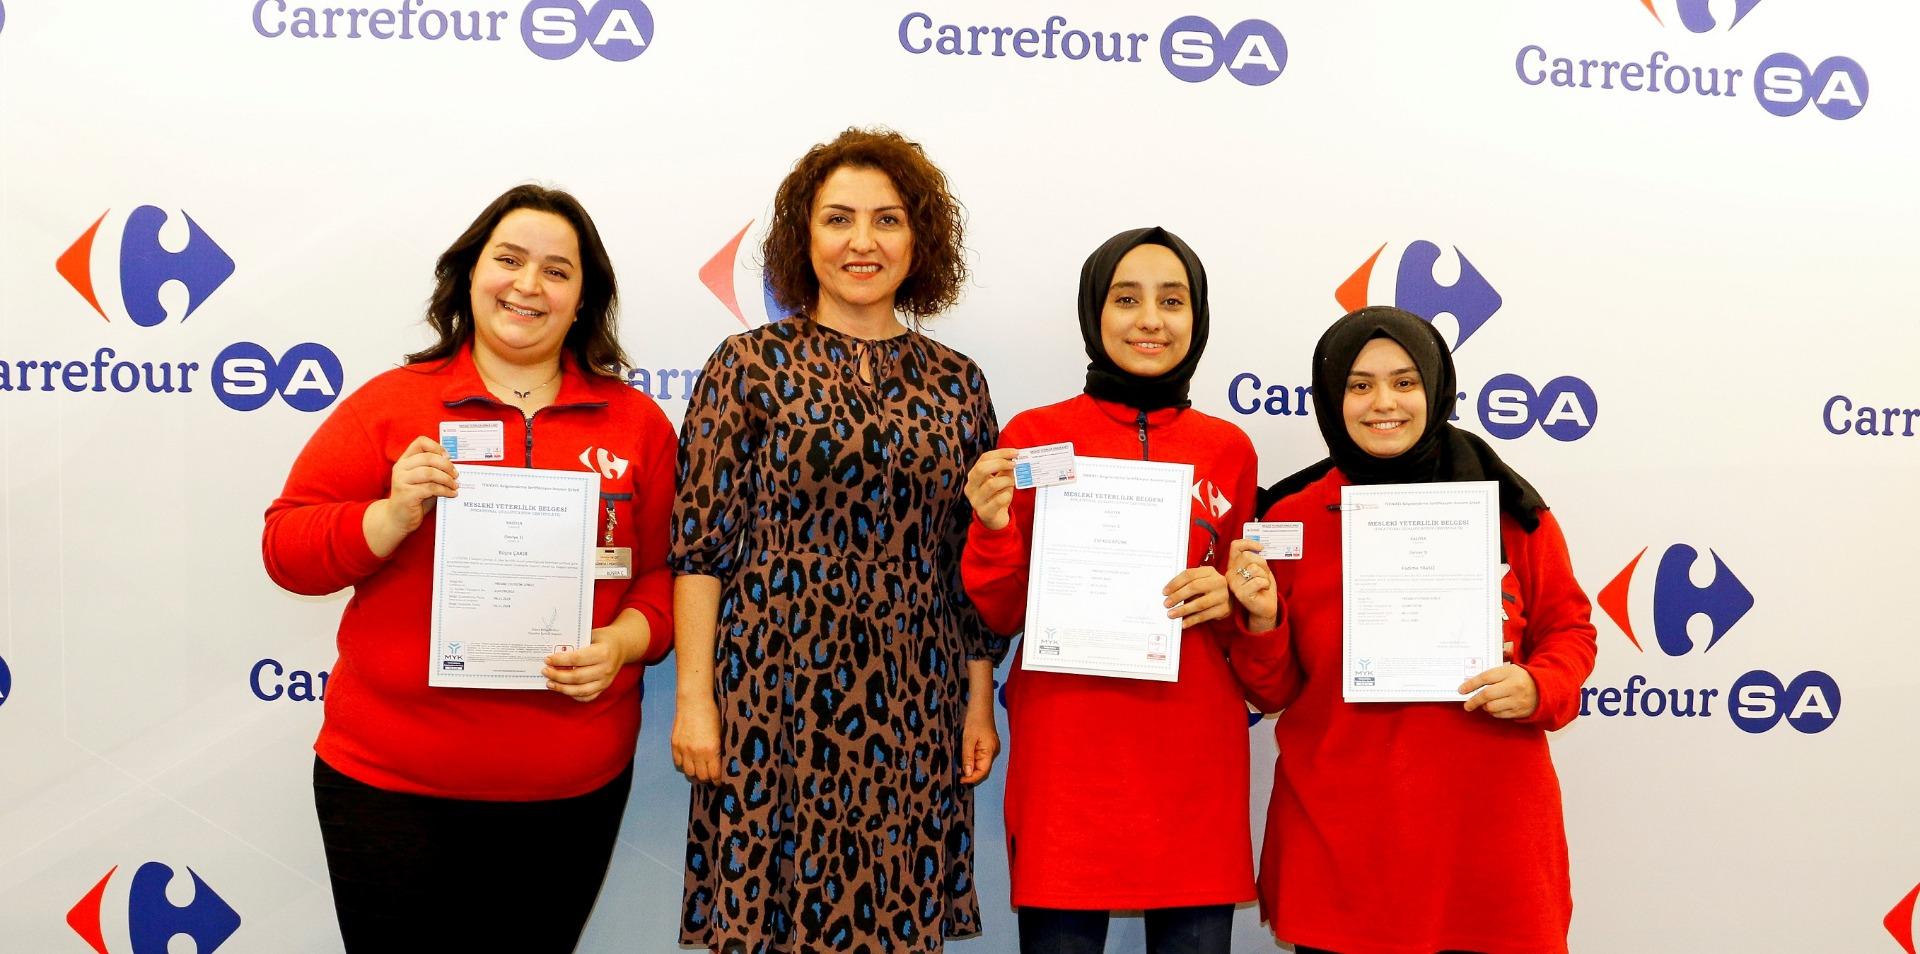 Türkiye'nin ve CarrefourSA'nın ilk sertifikalı kasiyerleri